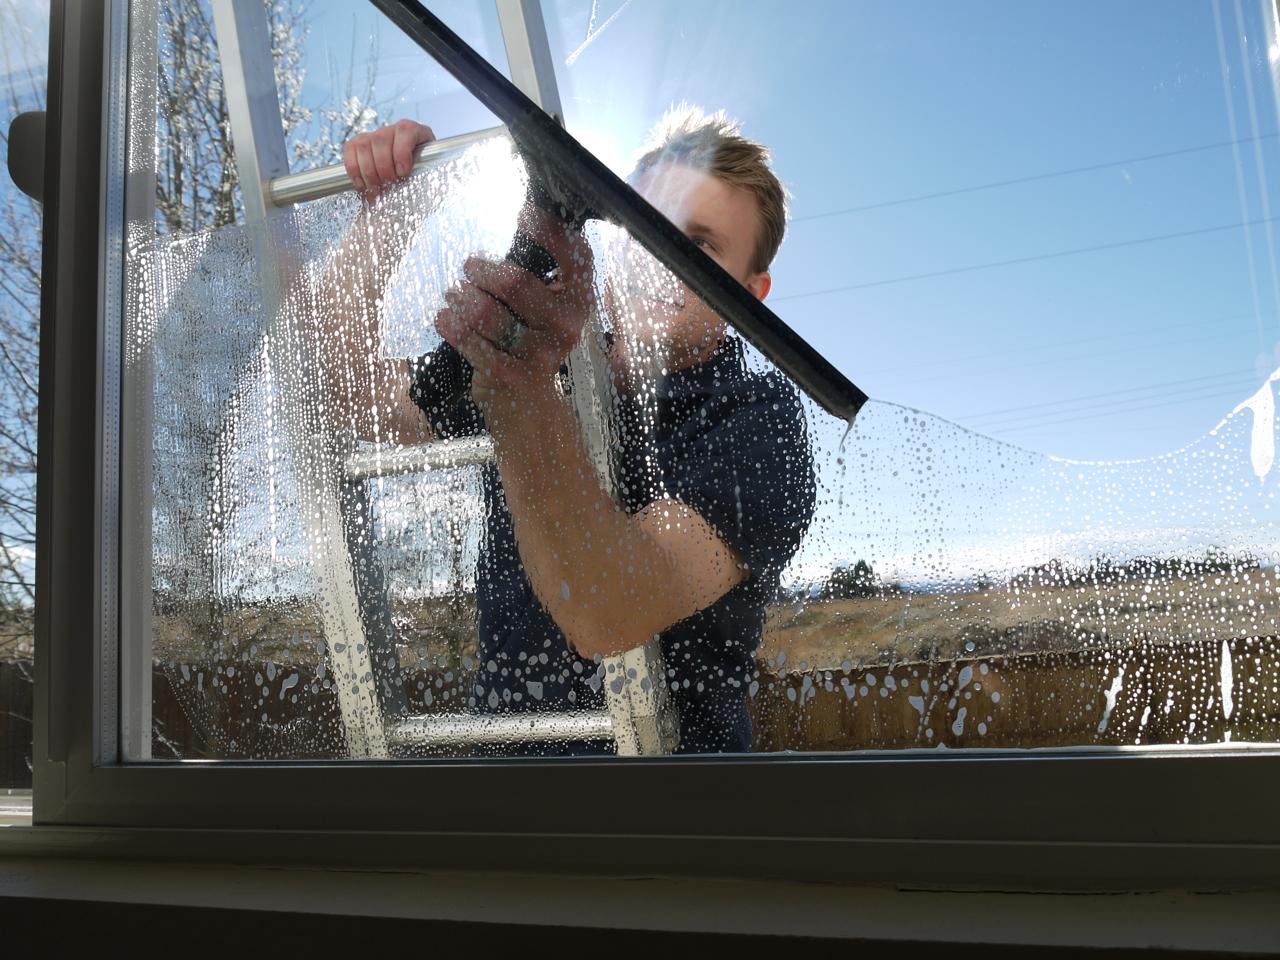 Использование специальных скребков для чистки окон